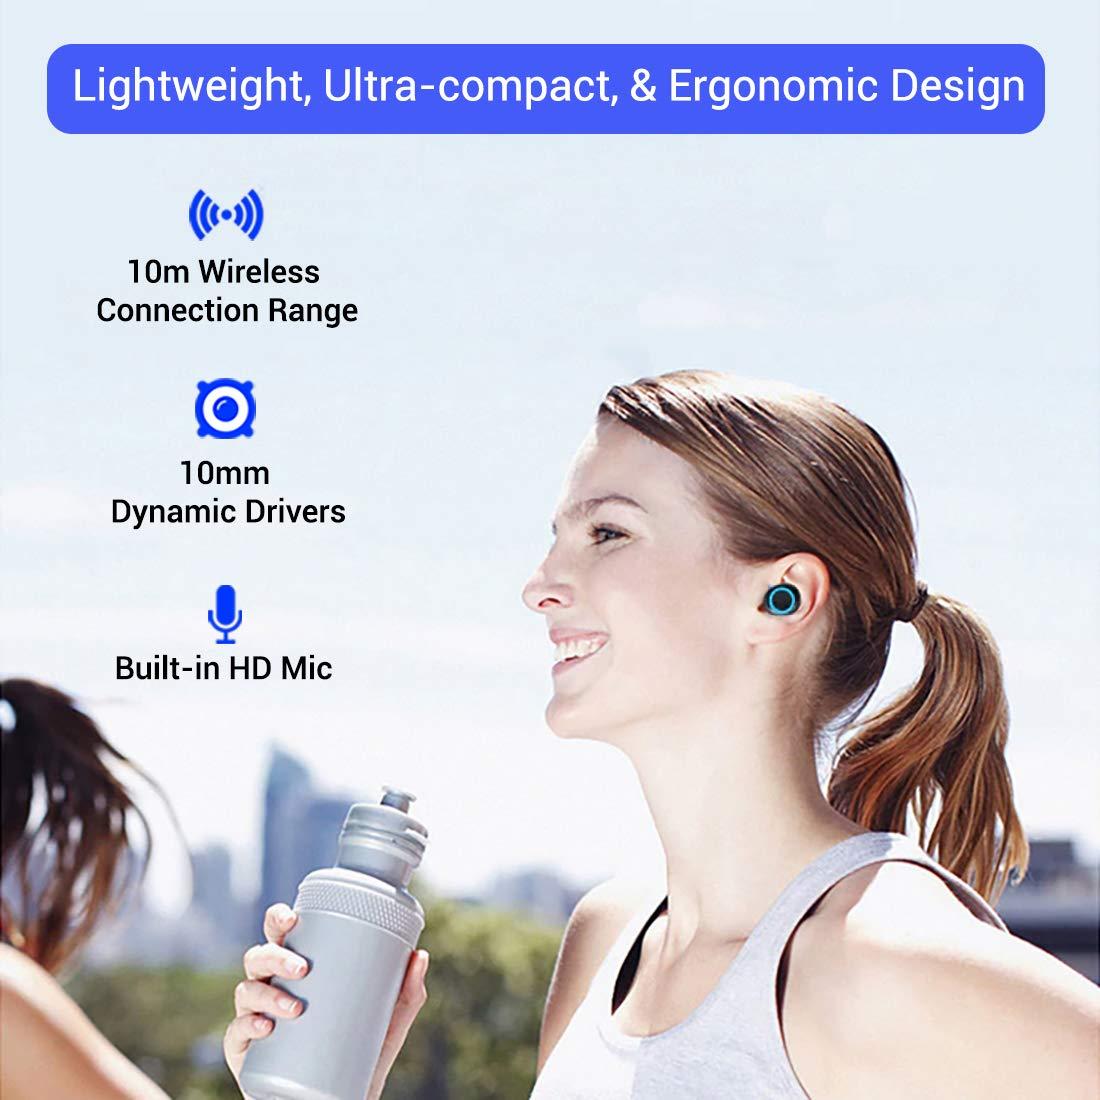 Ptron Bassbuds True Wireless Earbuds(TWS) with Bluetooth 5.0 Technology & High Bass - Best Phones under 15000